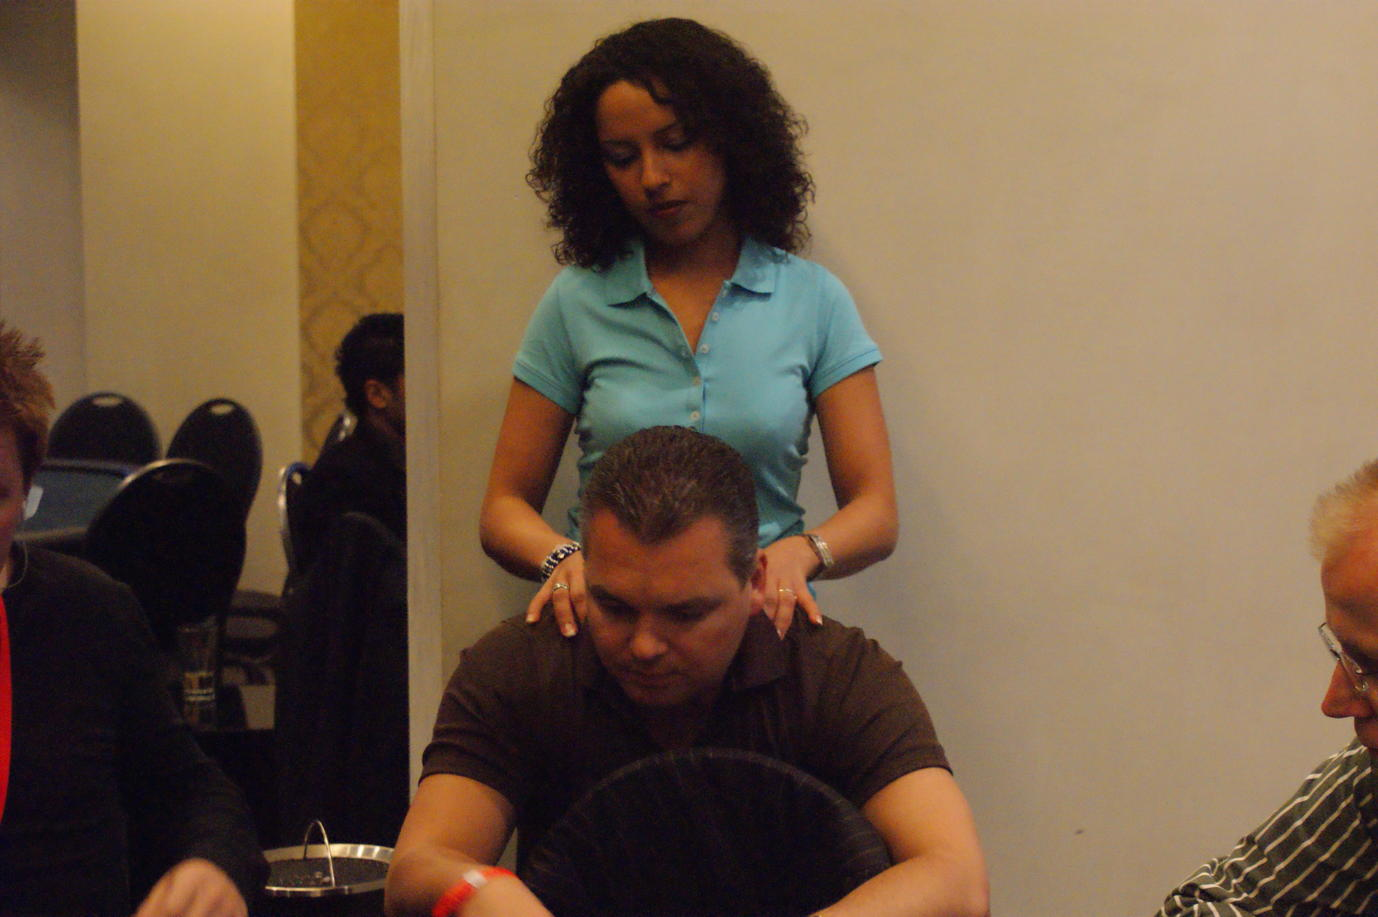 hh_masters_190509_jan_bei_der_massage.jpg